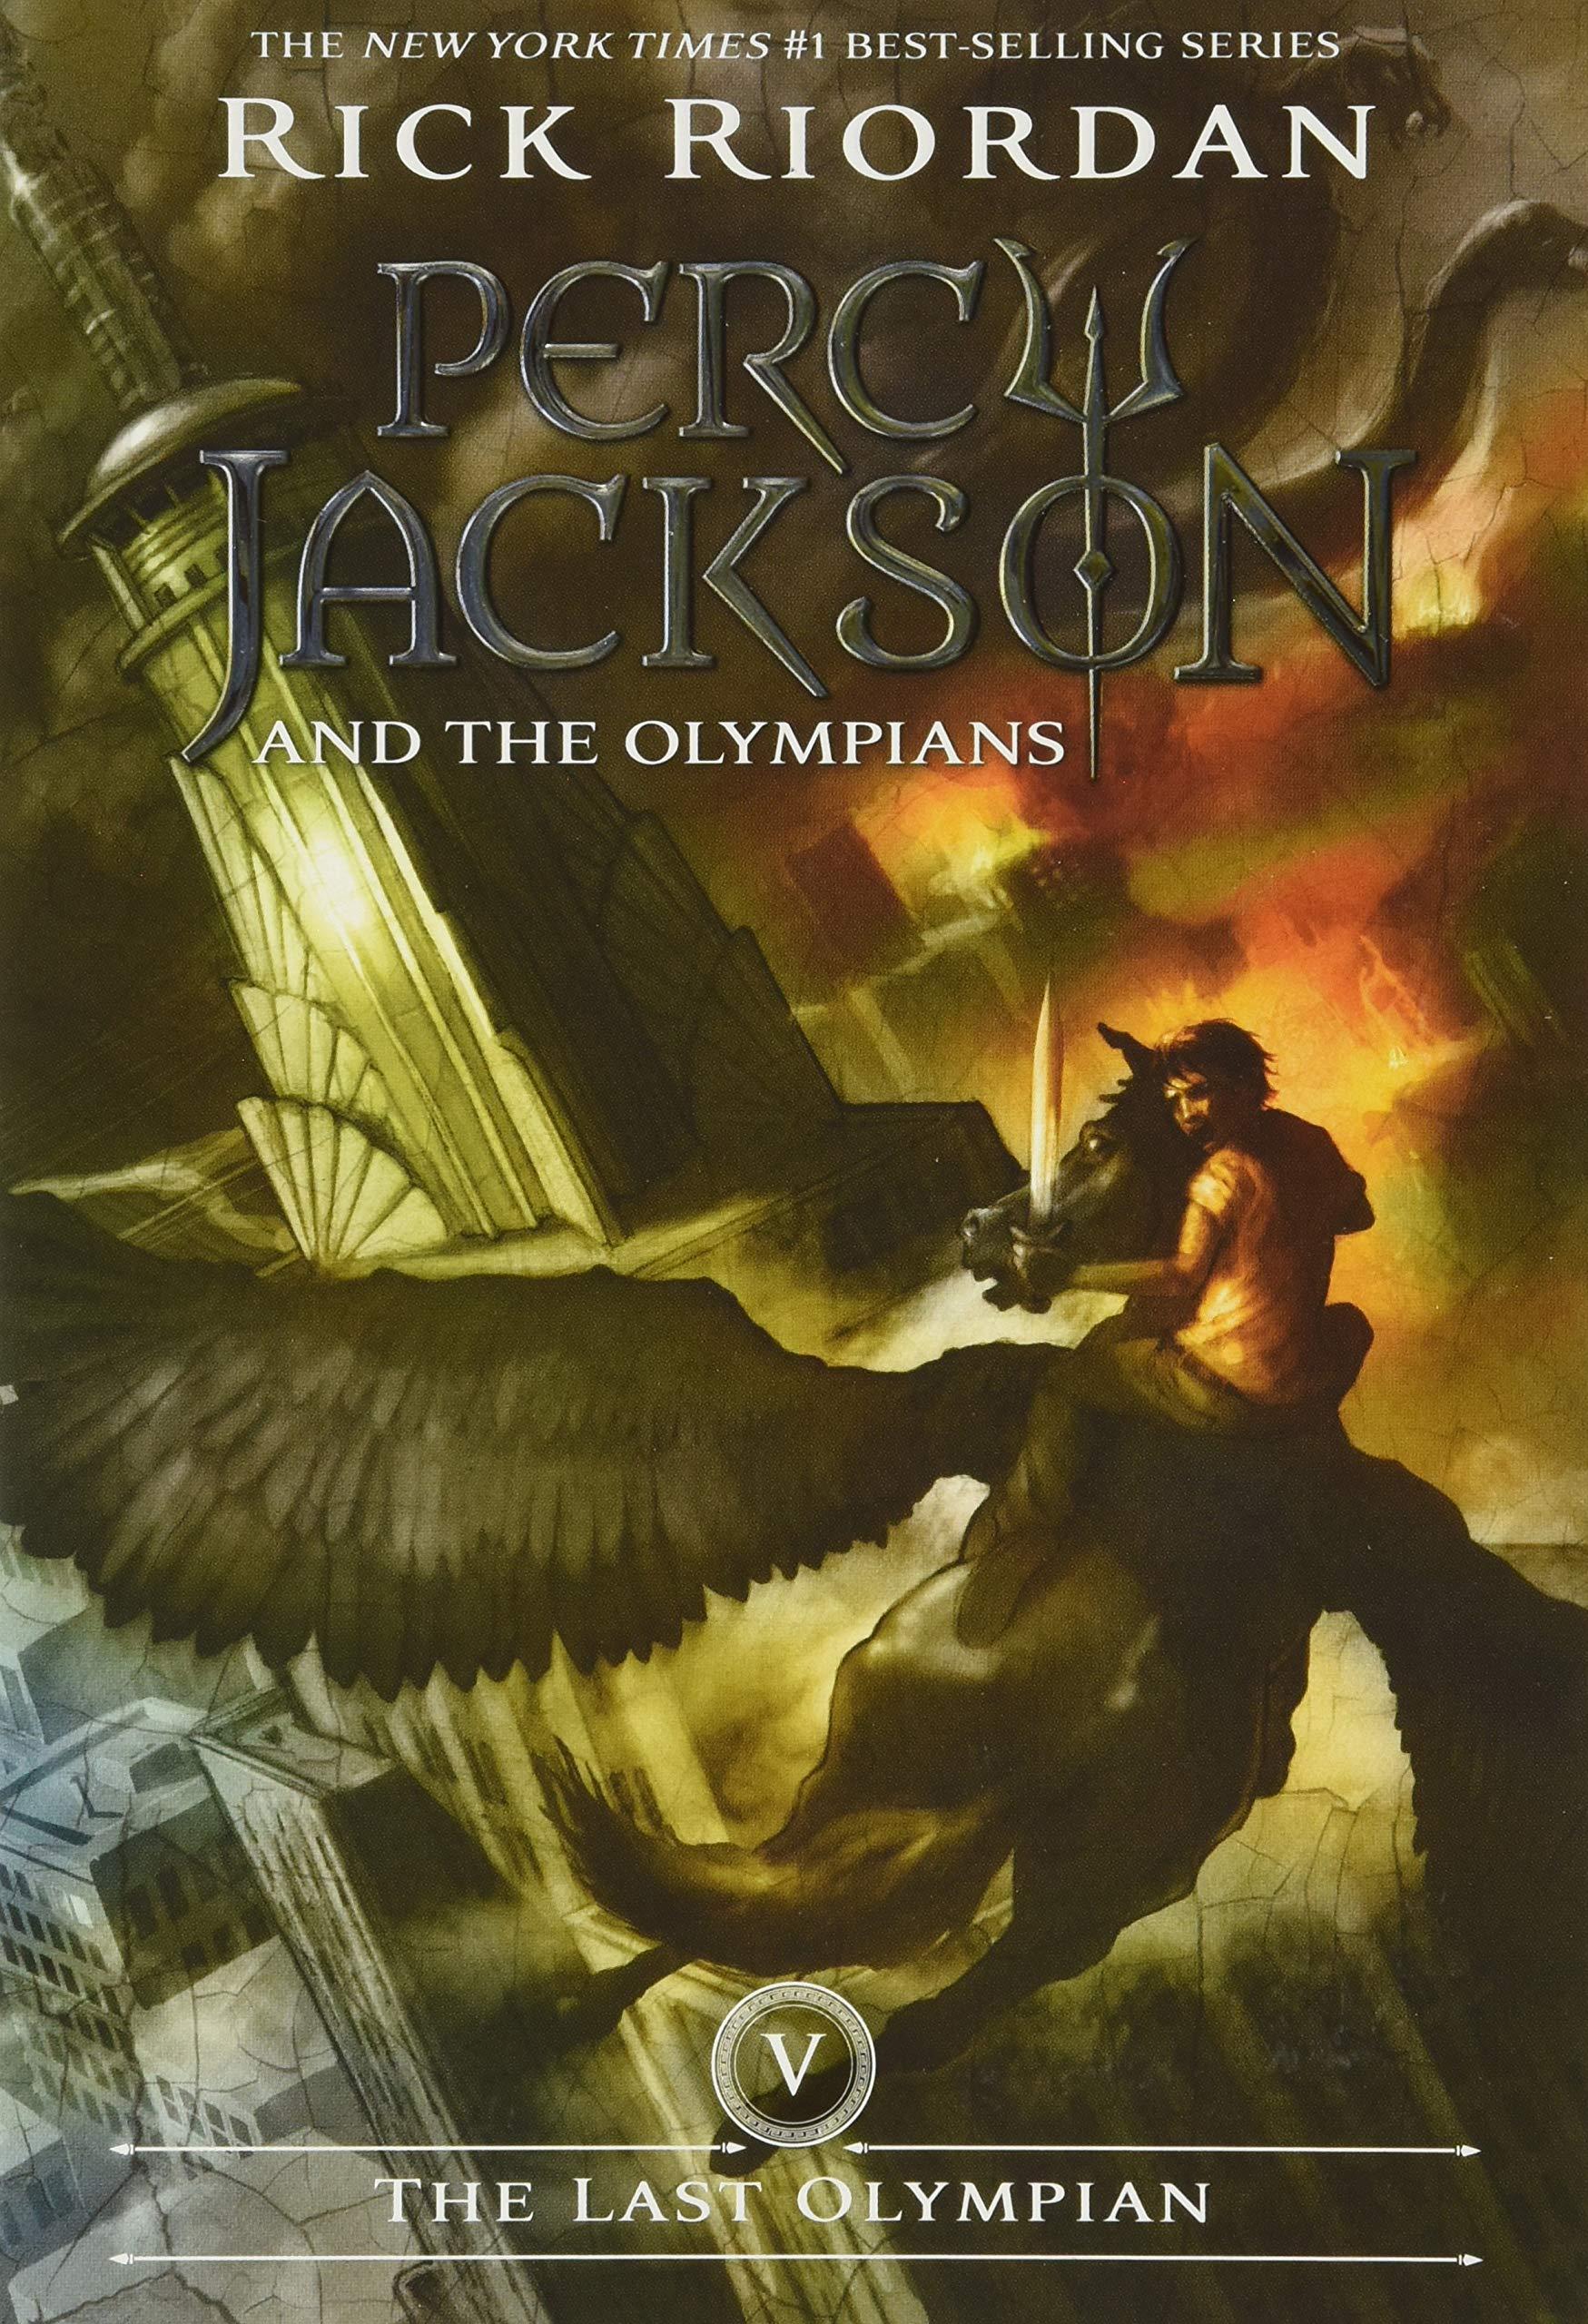 Amazon.com: The Last Olympian (Percy Jackson and the Olympians, Book 5)  (9781423101505): Riordan, Rick: Books